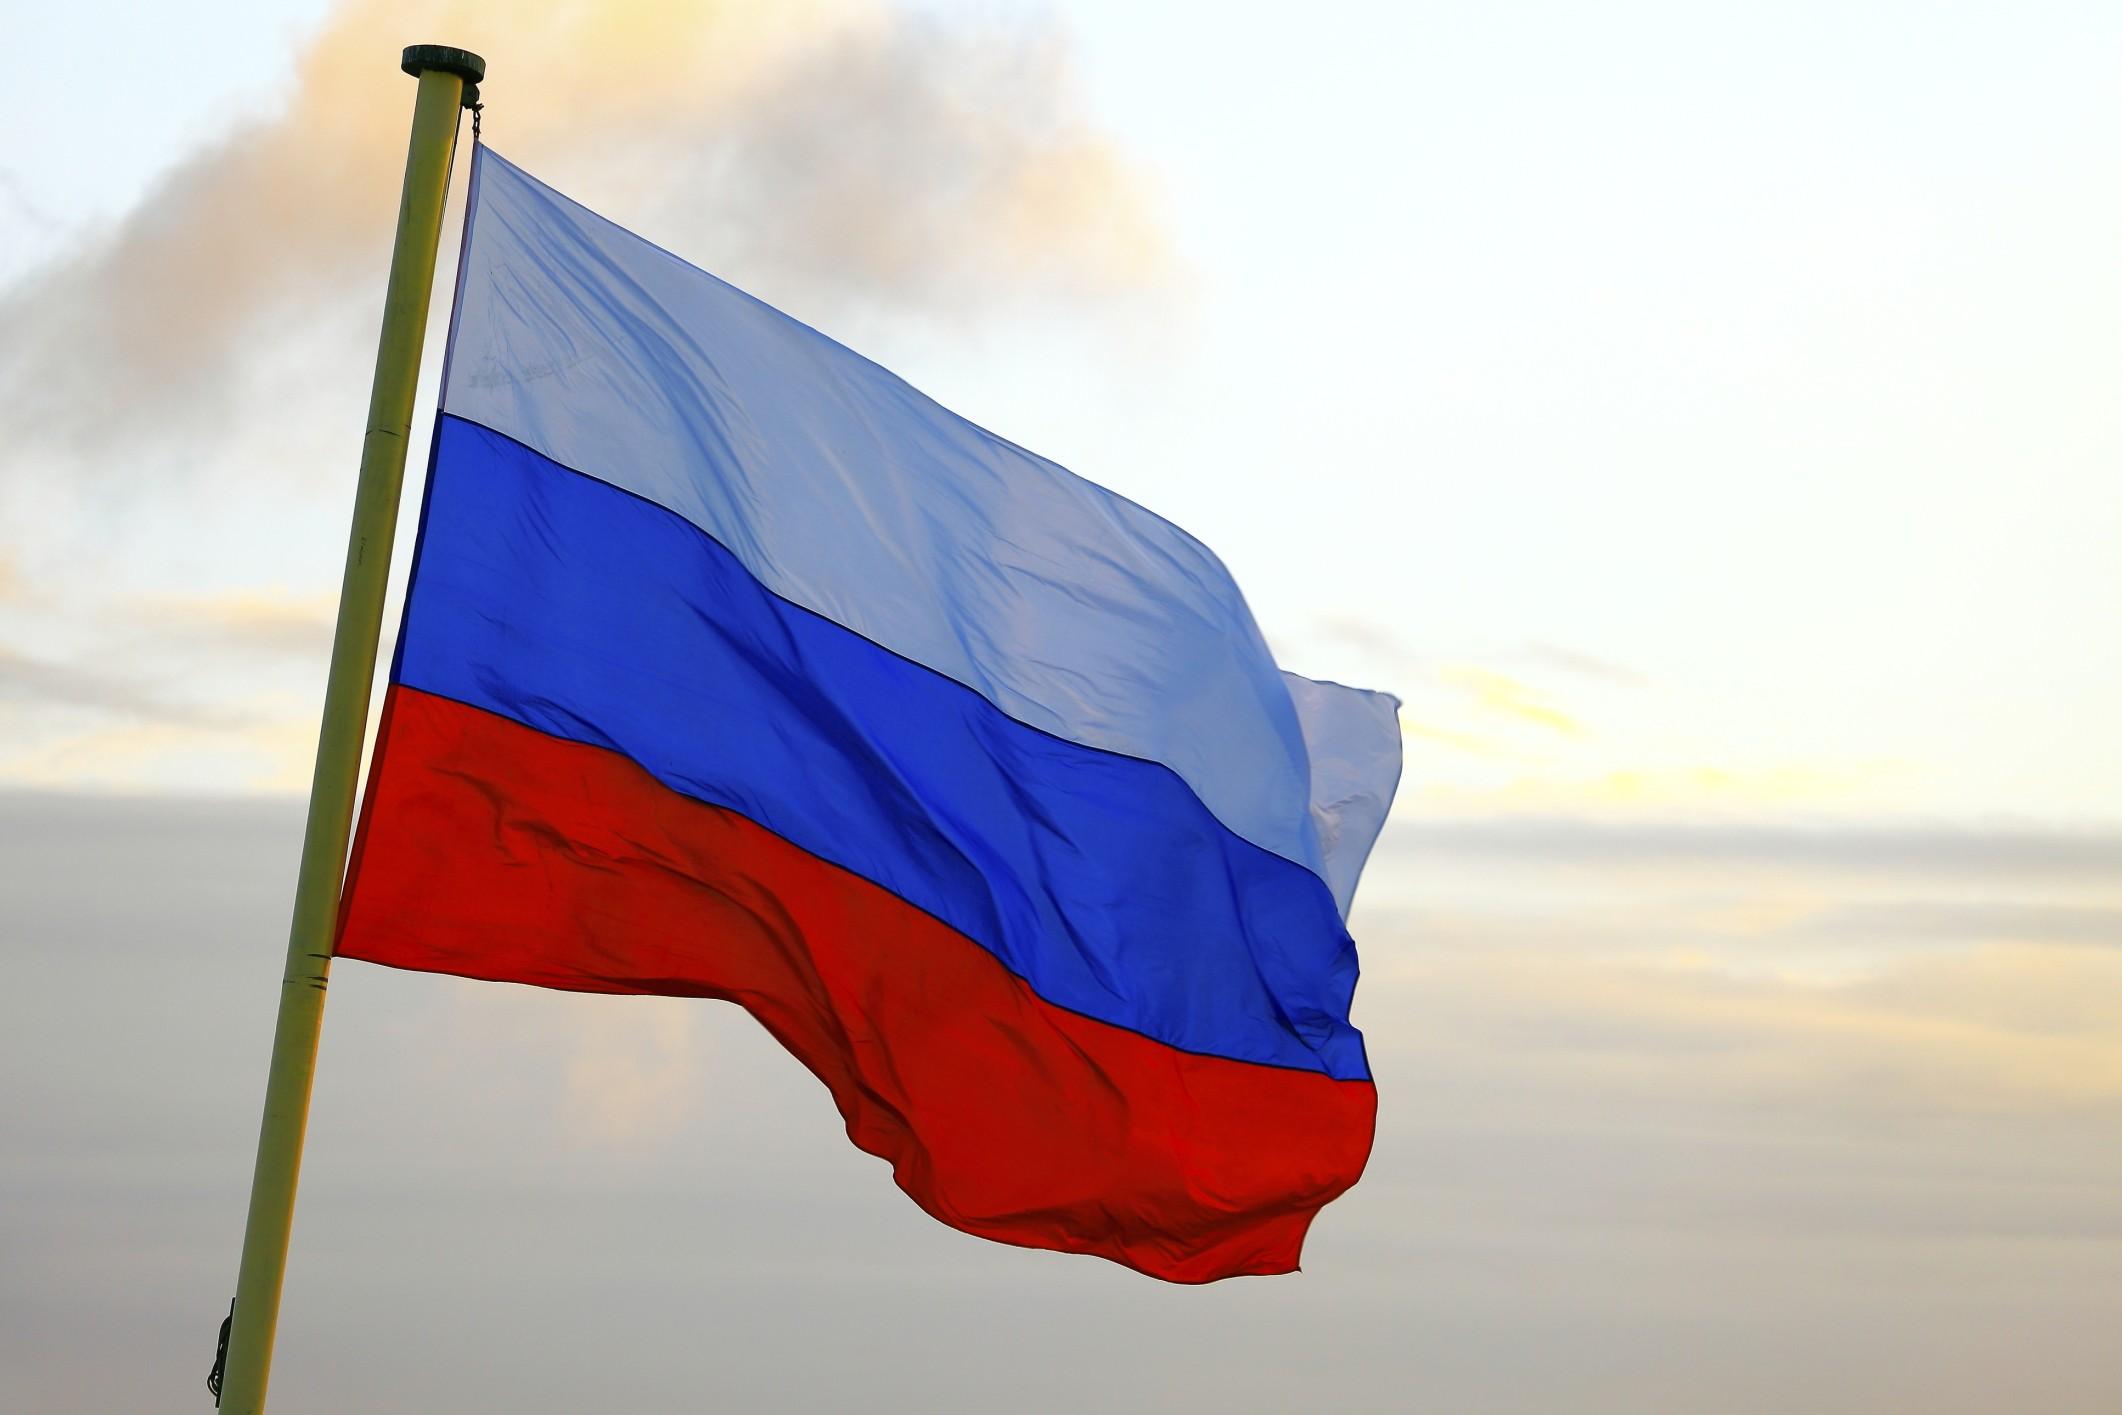 روسيا تعتزم زيادة الانتاج بالتعاون مع أوبك+